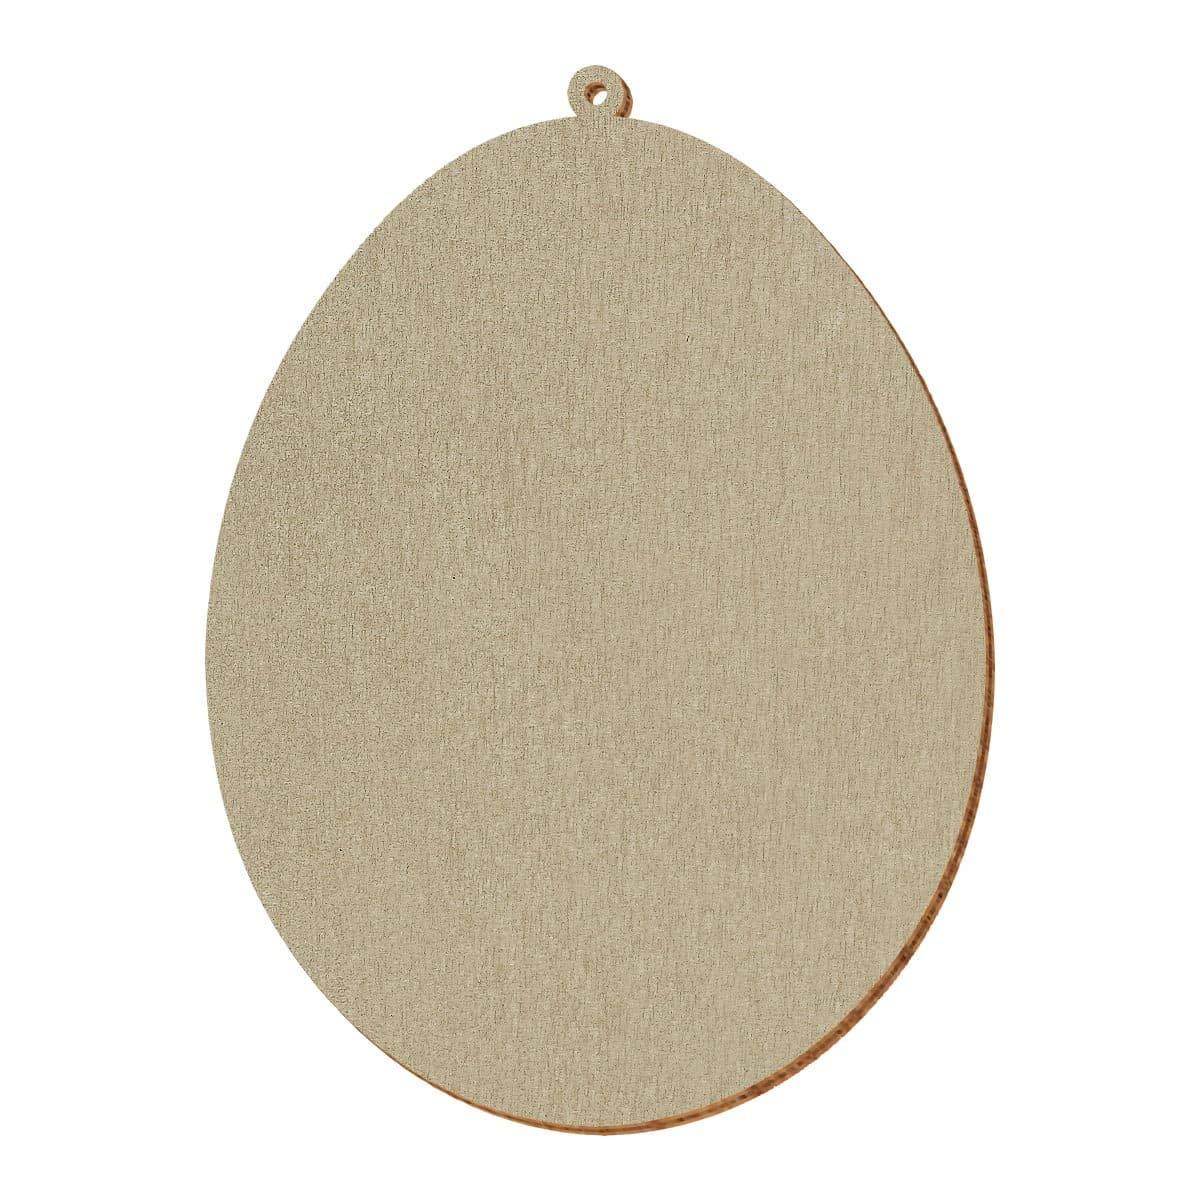 Bronzene Holz Ostereier - 2-10cm Baum- Strauchbehang, Pack Pack Pack mit 50 Stück, Größe 8cm B07NDTMCZC | Einfach zu spielen, freies Leben  6dd693